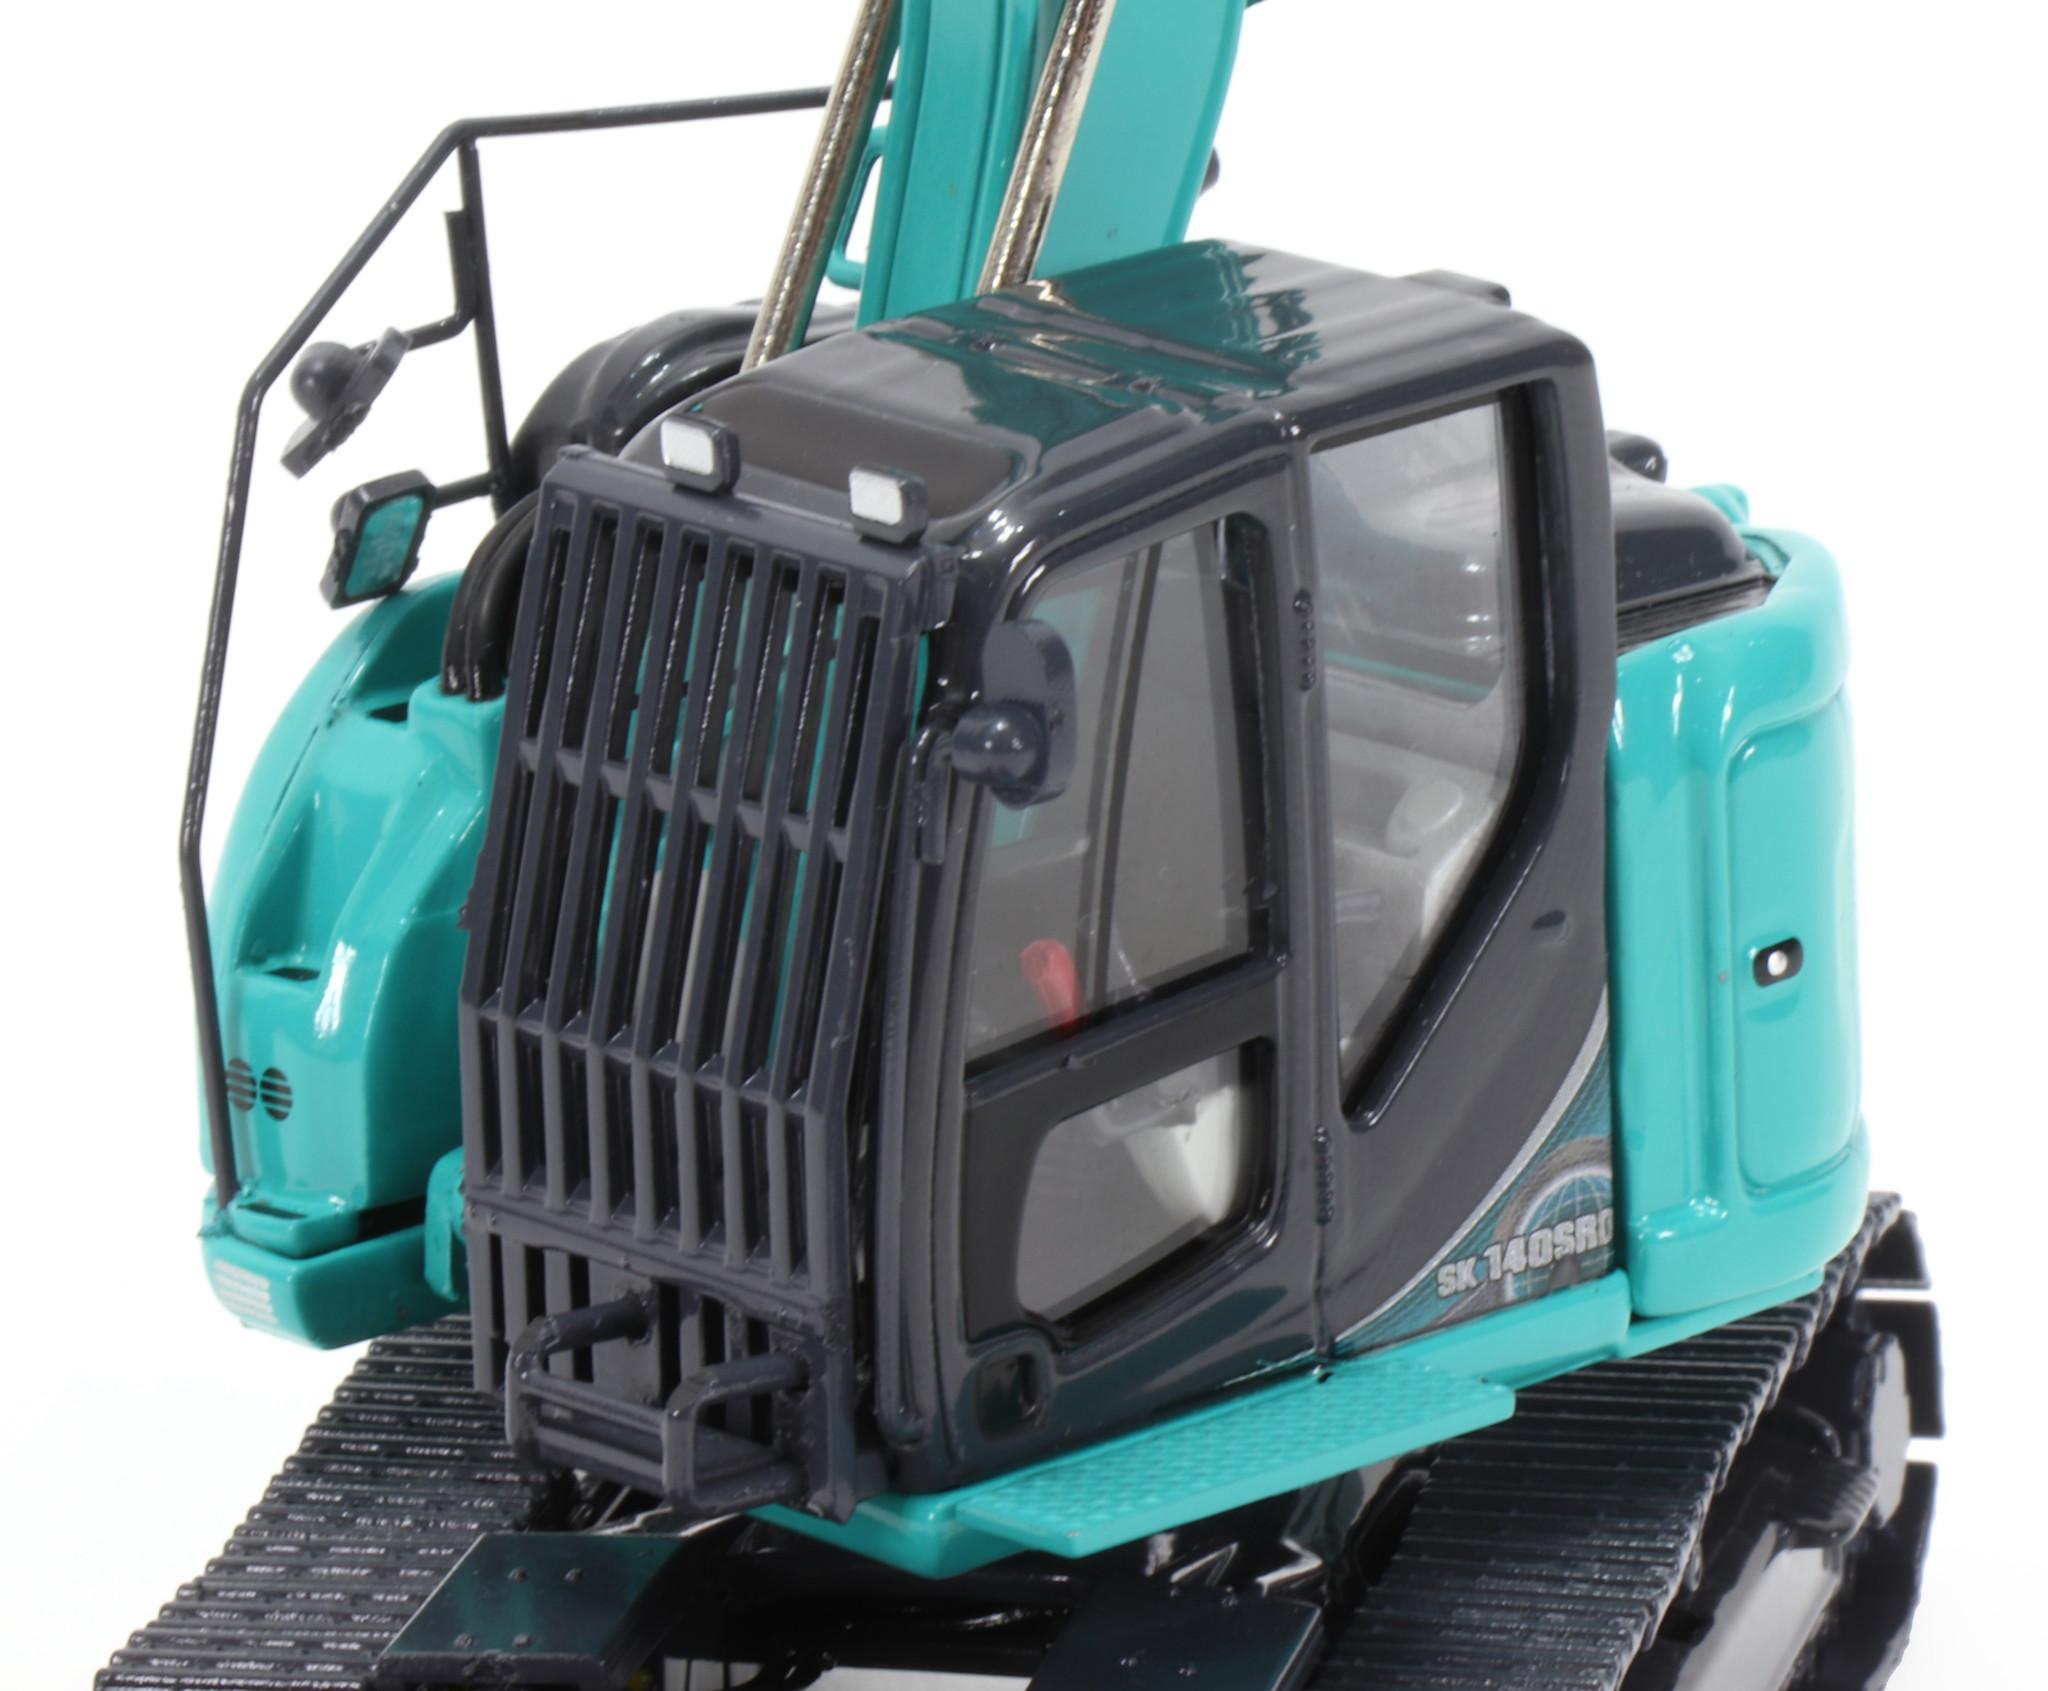 Motorart * Nuovo * SK140SRD-5 Modello in scala multi smantellatore